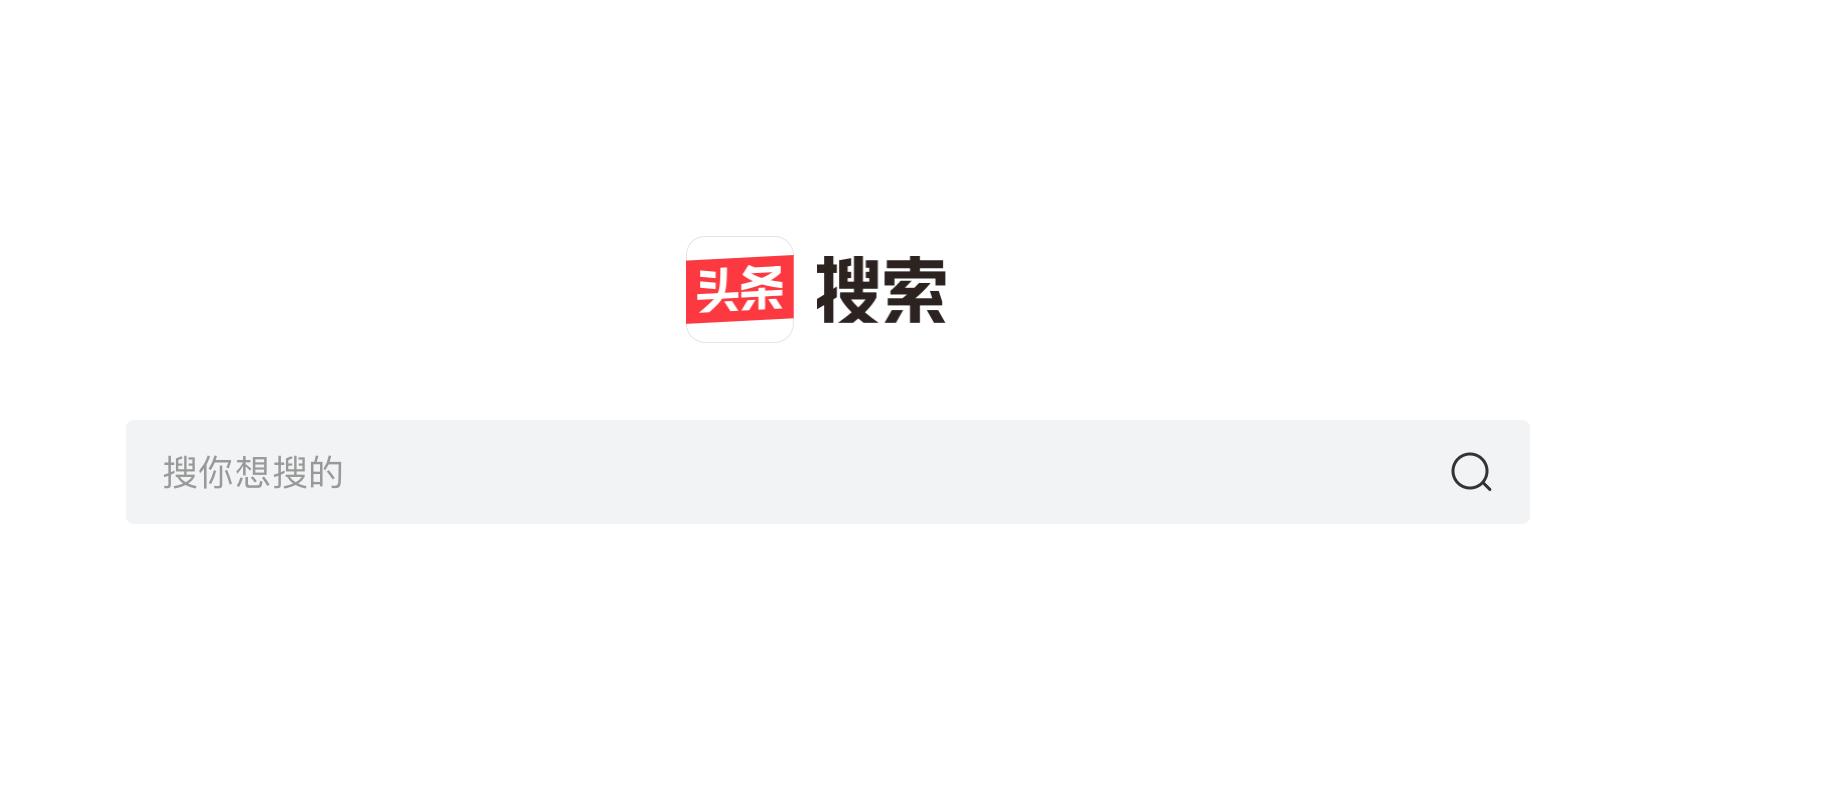 屏幕快照 2019-08-11 上午9.01.01.png